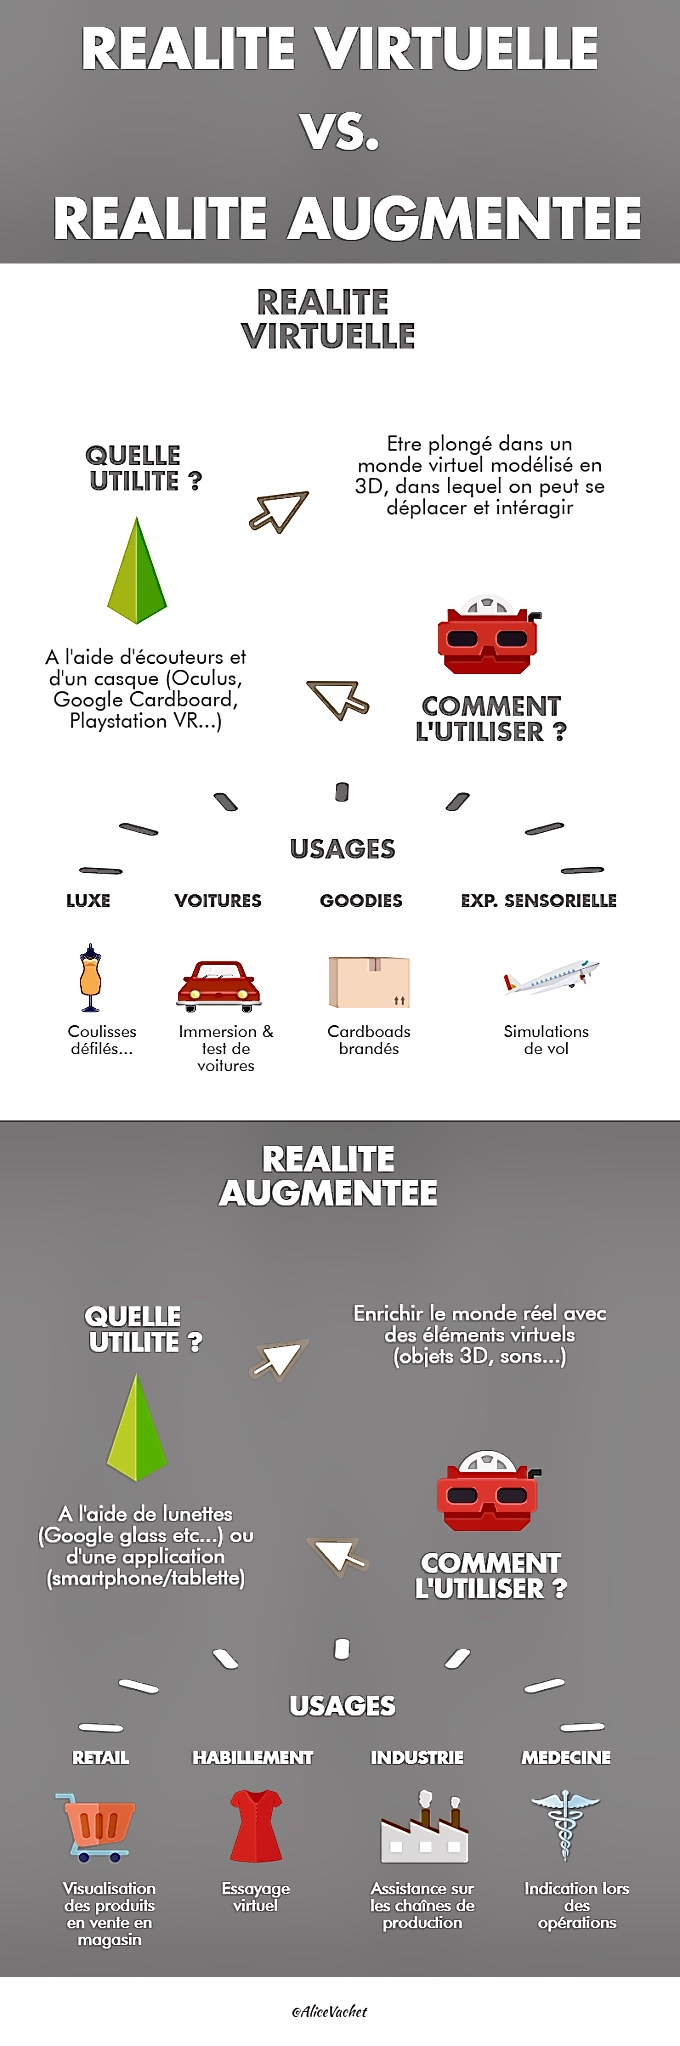 [Infographie] Réalité Virtuelle & Réalité Augmentée : Quelles différences ?🤔